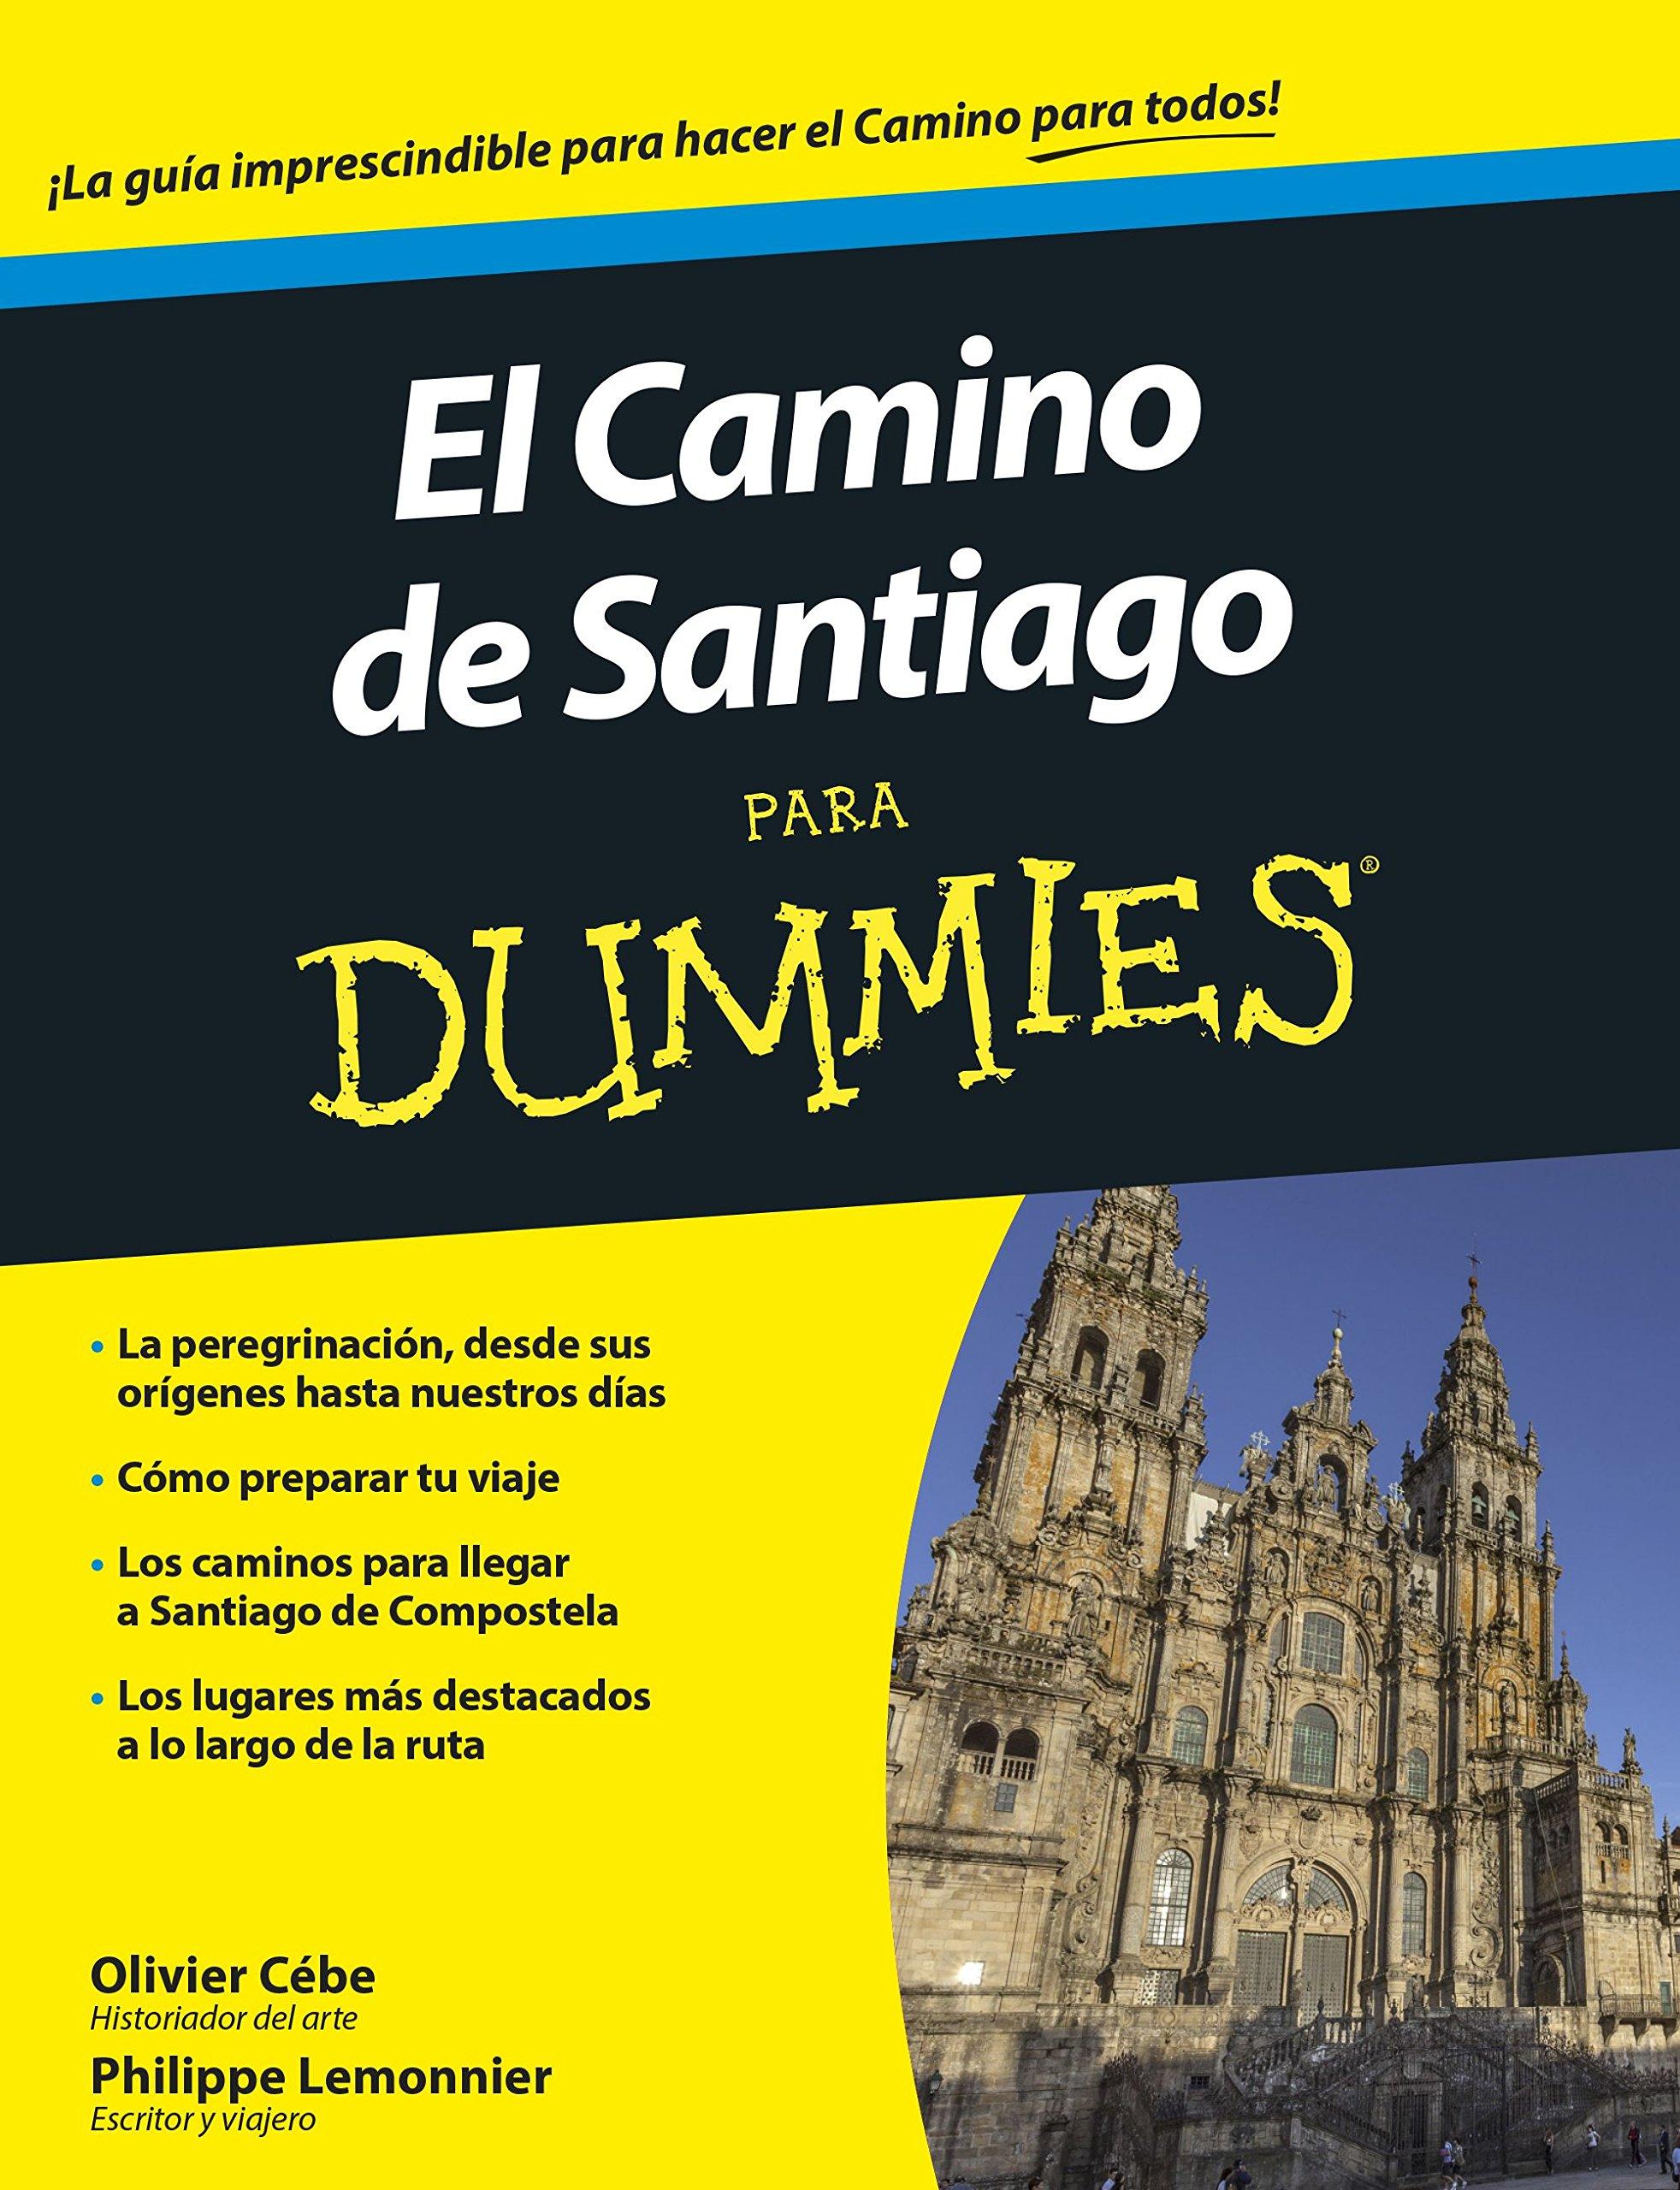 El camino de Santiago para Dummies: Amazon.es: Olivier Cébe, Philippe Lemonnier, José Luis Díez Lerma: Libros